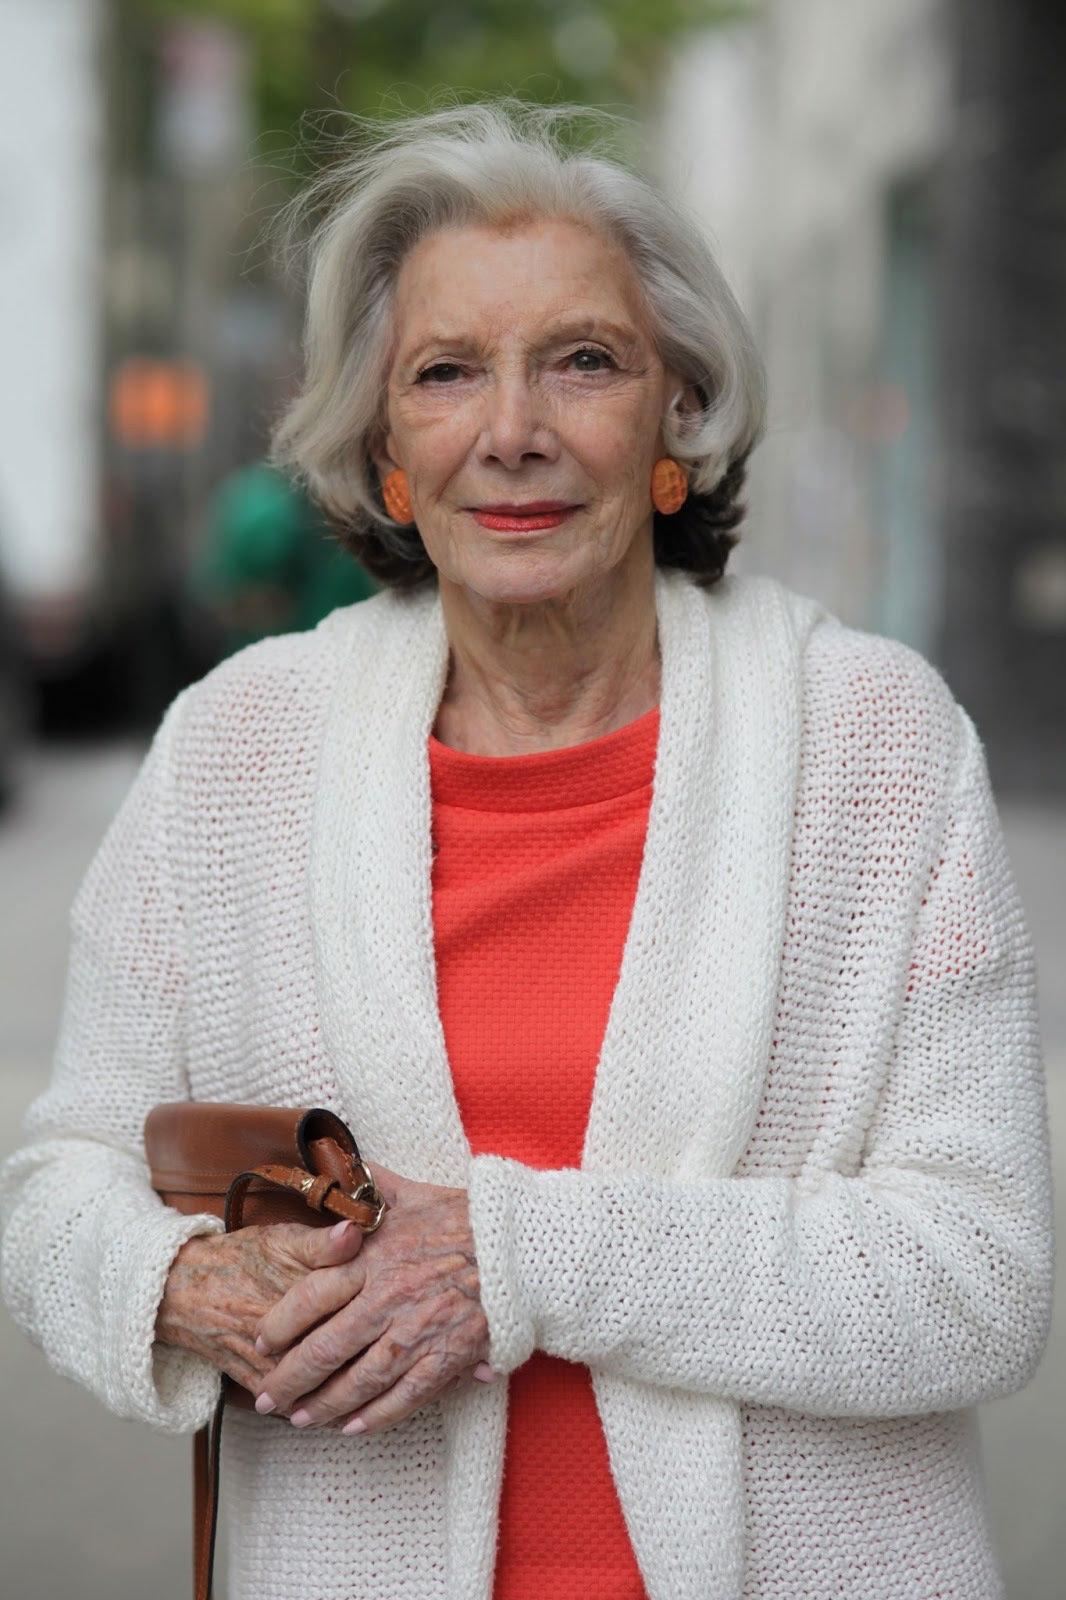 Фото картинки пожилой леди